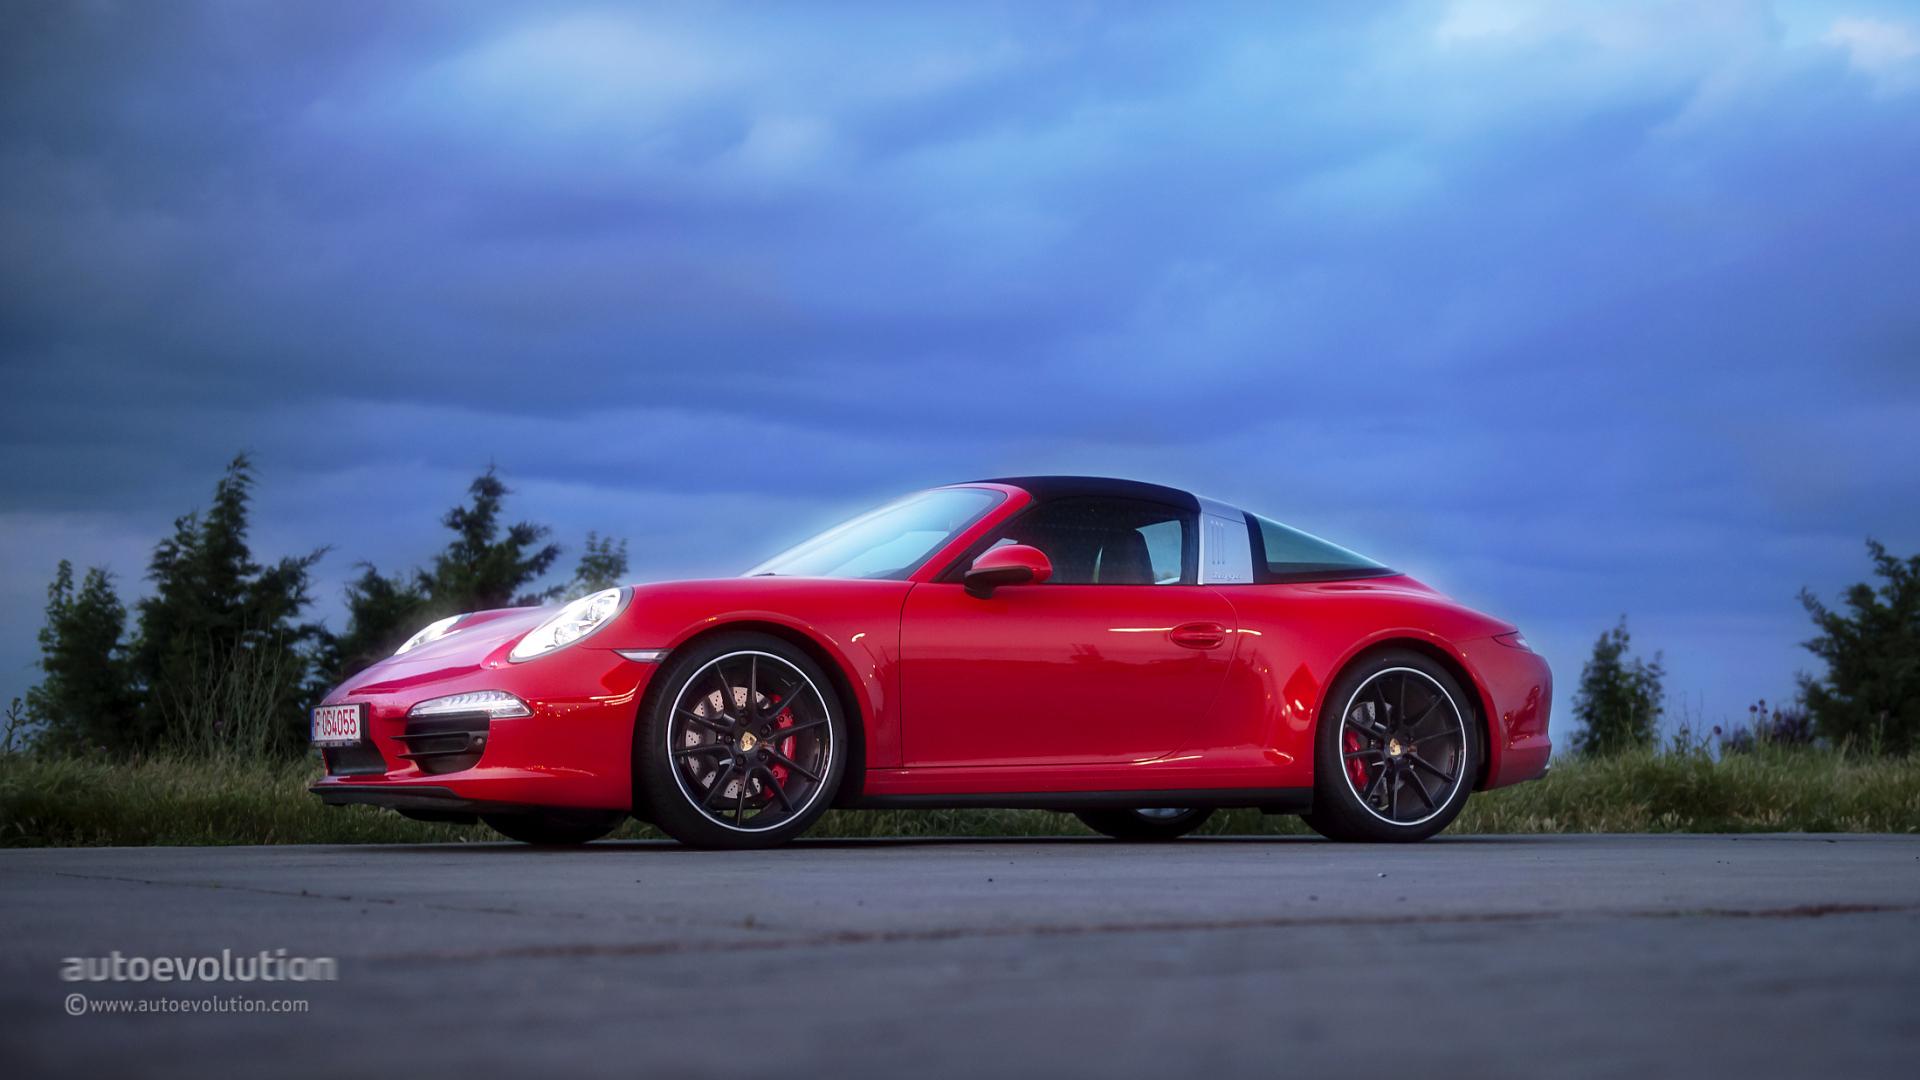 2015 Porsche 911 Targa HD Wallpapers 1920x1080